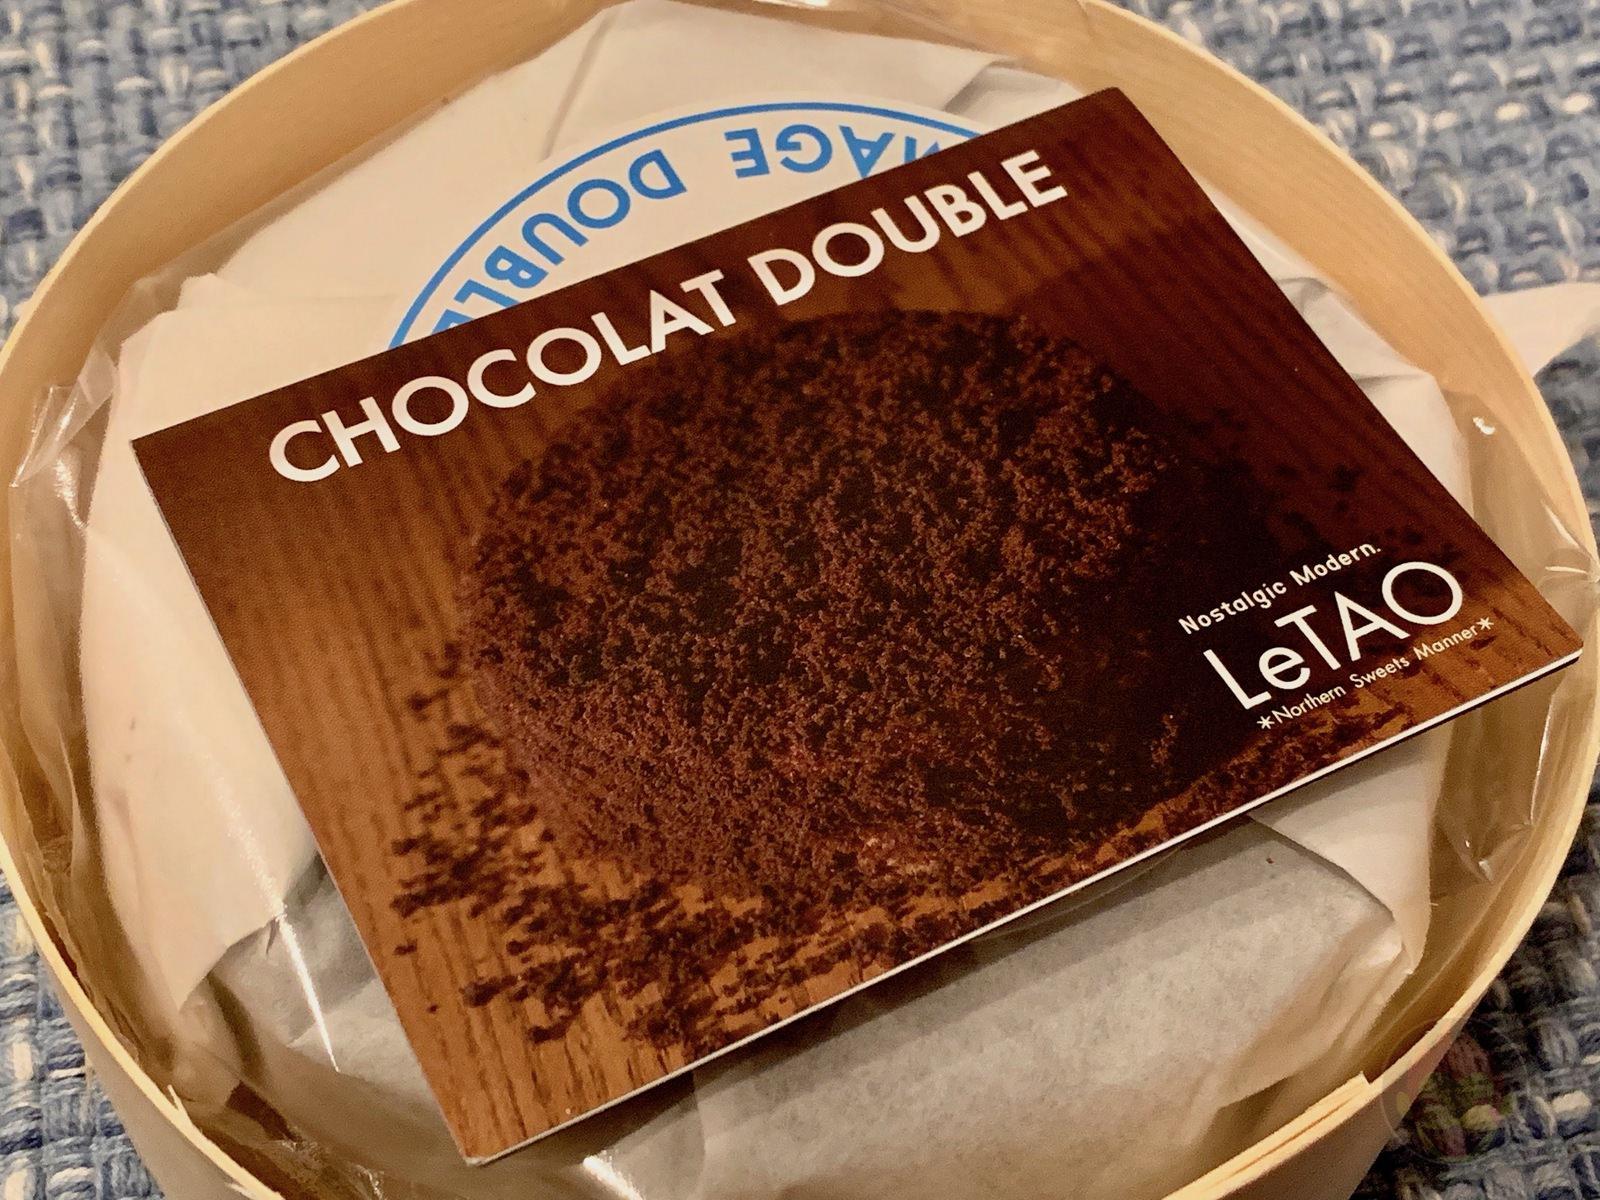 LeTAO Chocolat Double 01